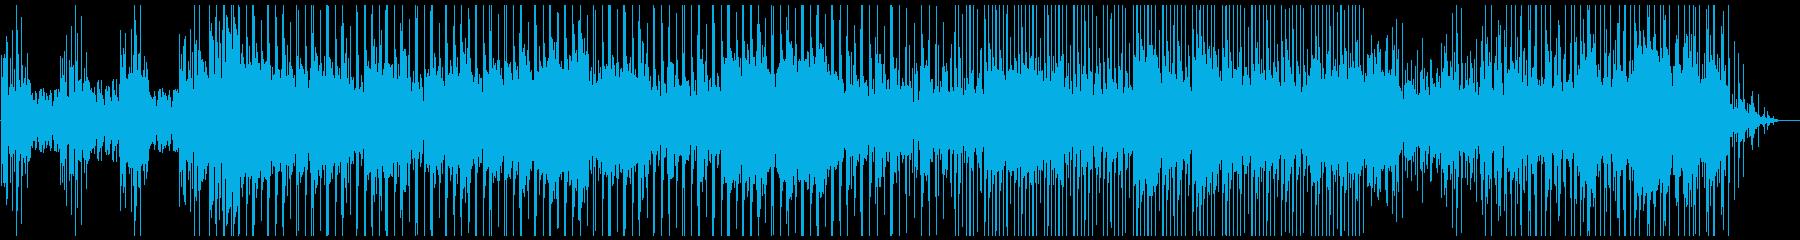 ハープはこのクールな瞑想的なトラッ...の再生済みの波形